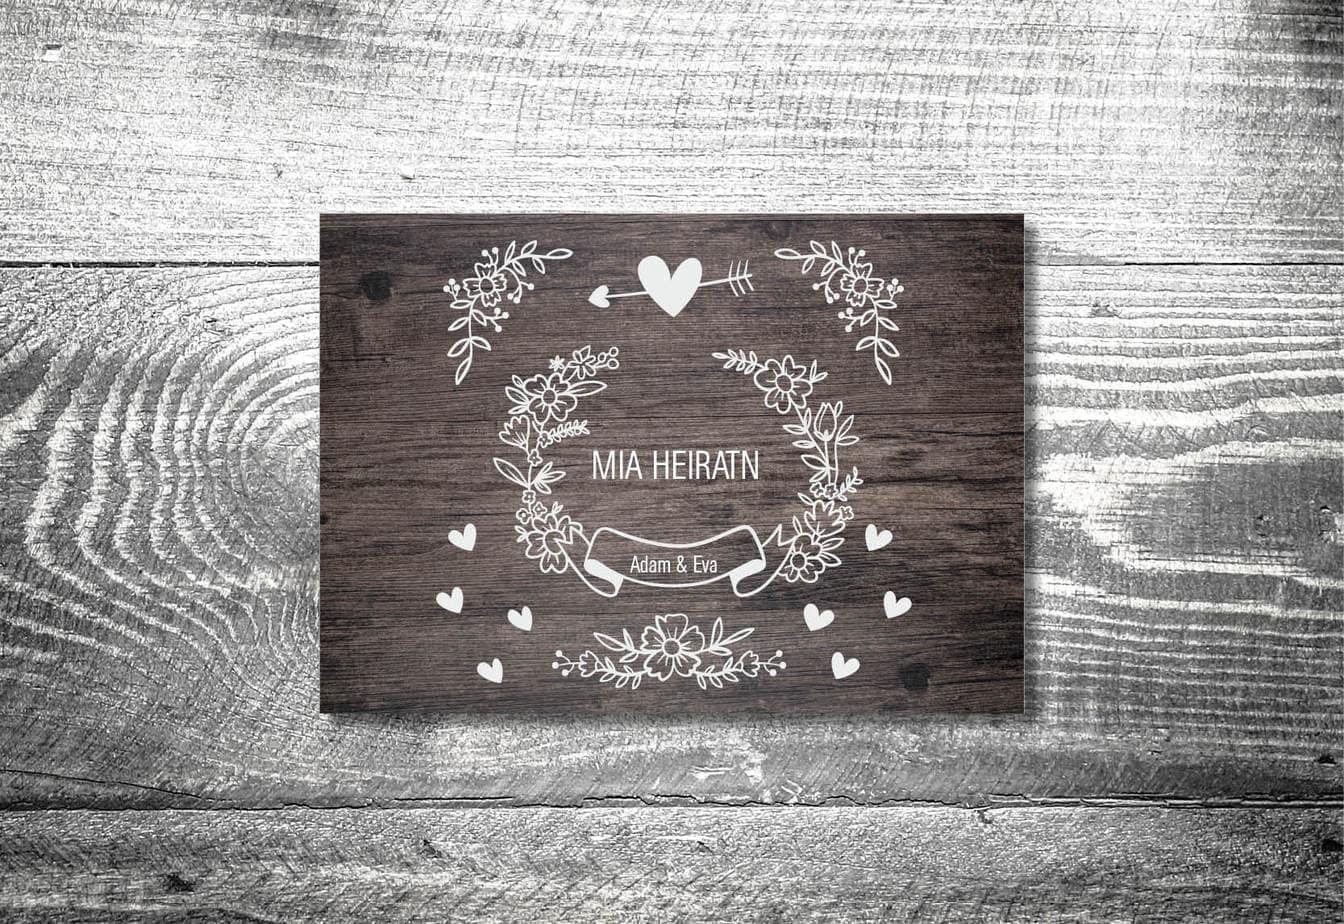 Kartlerei Karten Drucken Hochzeitseinladung Heiraten Bayern Bayerisch  Heimatgefuehl Hochzeit32   Bayrischer Text Für Die Hochzeitseinladung Von